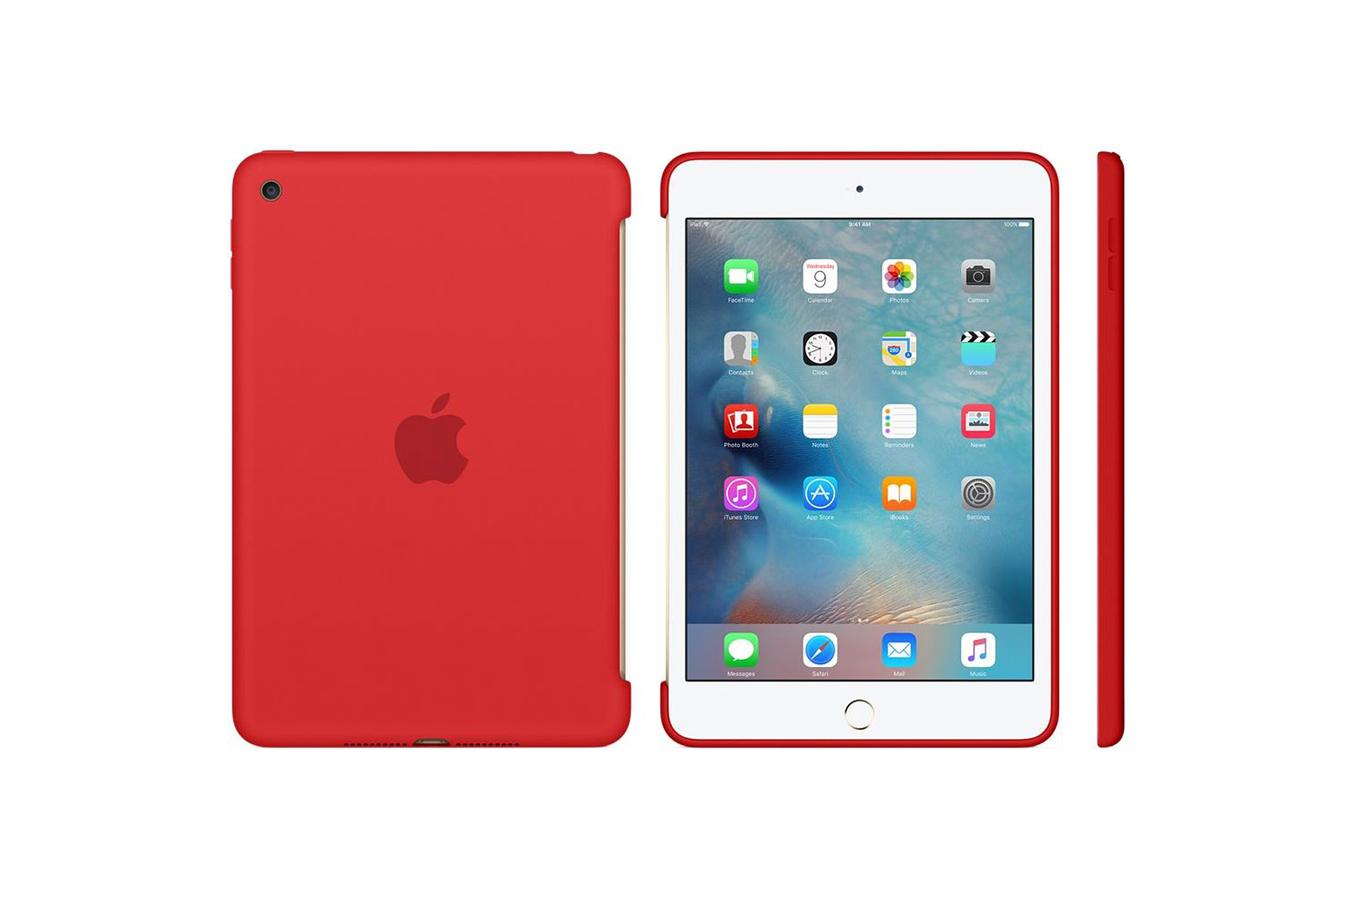 housse et tui pour tablette apple coque en silicone rouge. Black Bedroom Furniture Sets. Home Design Ideas